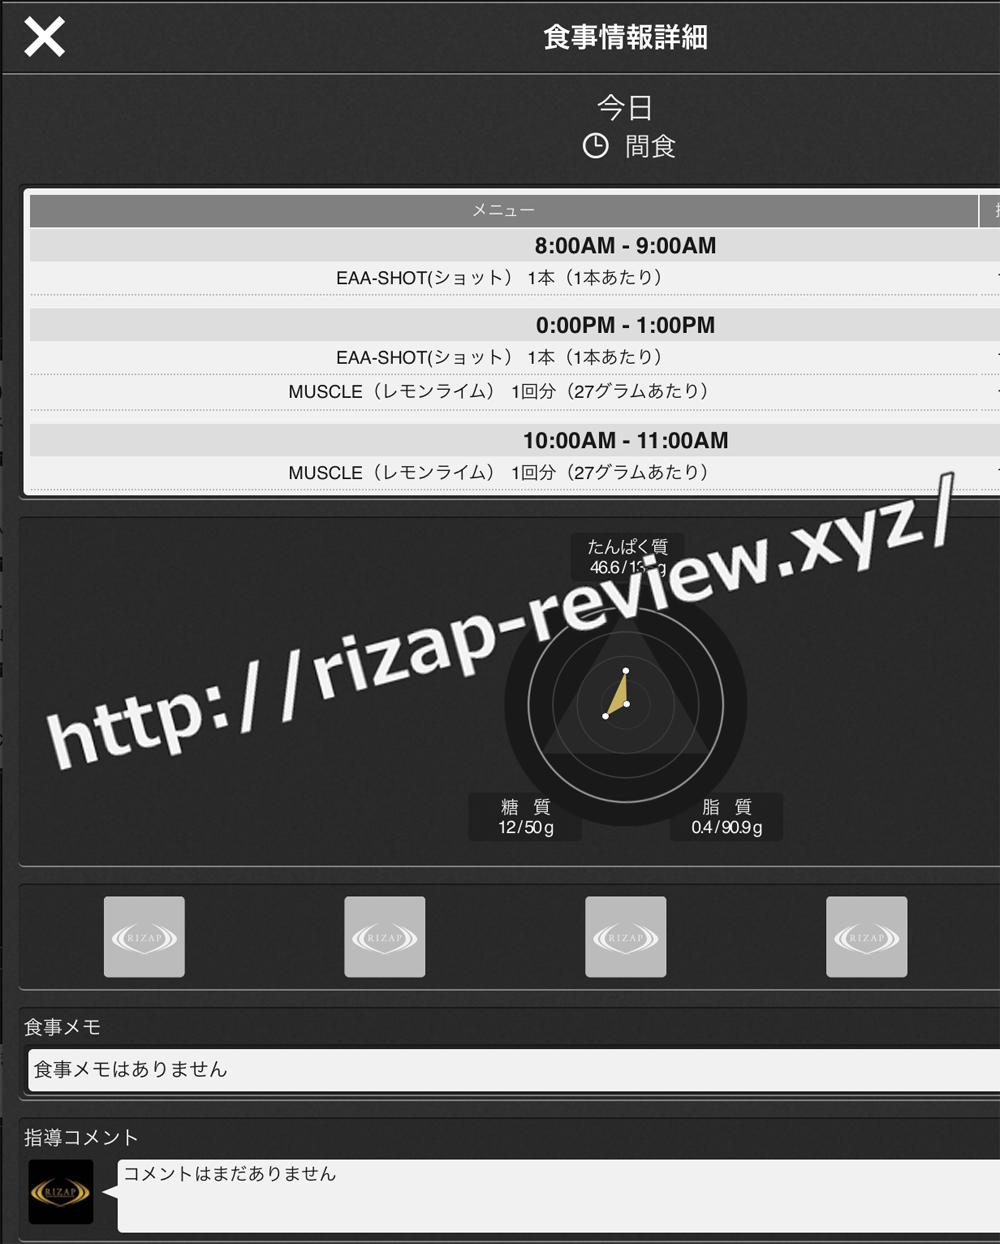 2018.9.11(火)ライザップ流の間食